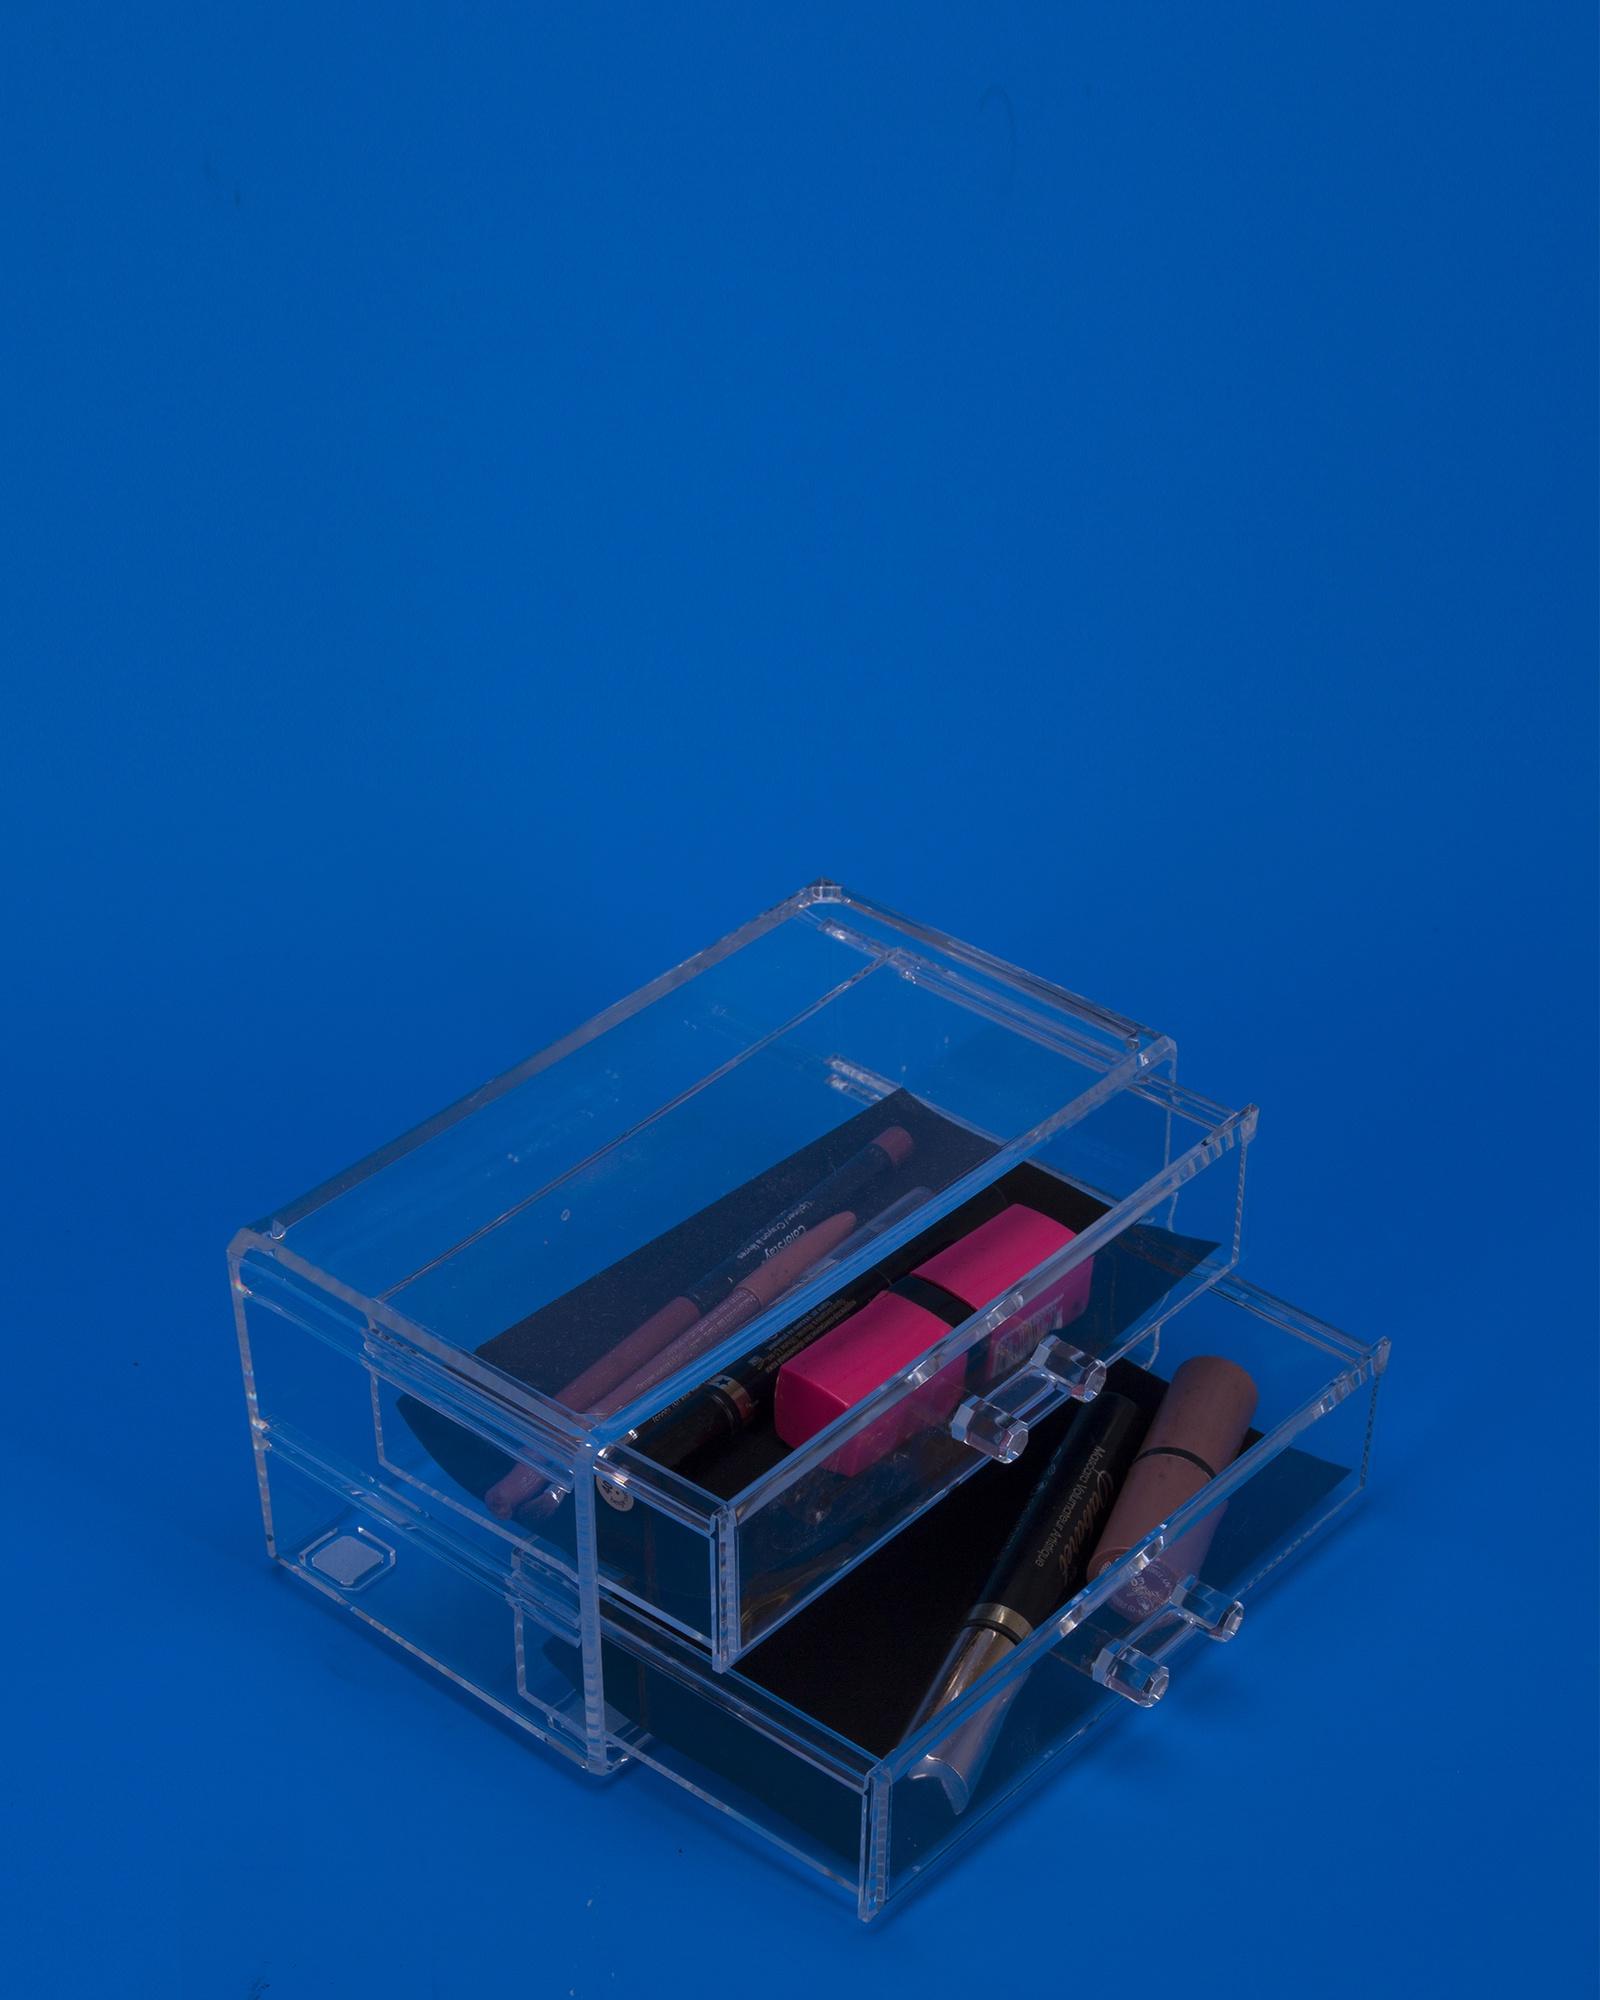 Органайзер для косметики IsmatDecor, S-303, прозрачный органайзер подвесной с 6 отделениями